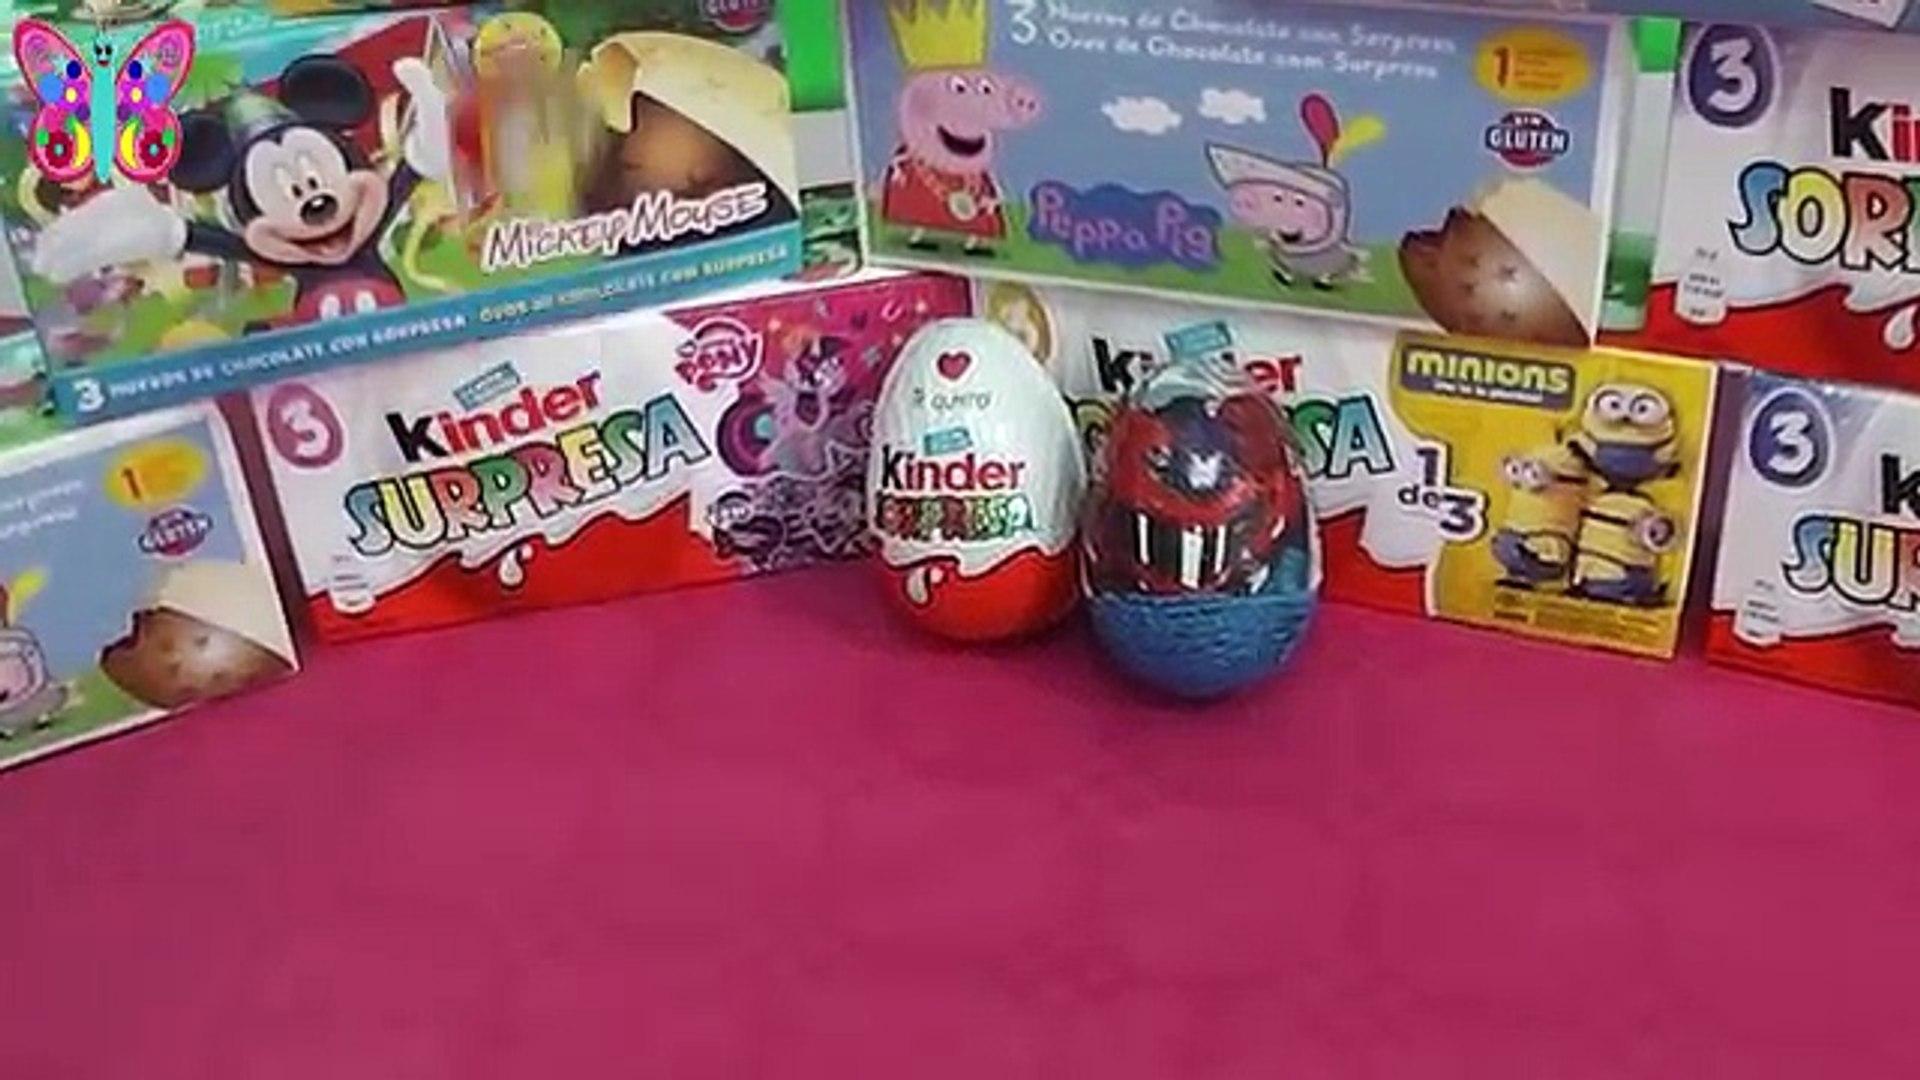 Де де по из также ан s гигант яйцо Оптимус пластилин играть-DOH премьер сюрприз трансформеры español